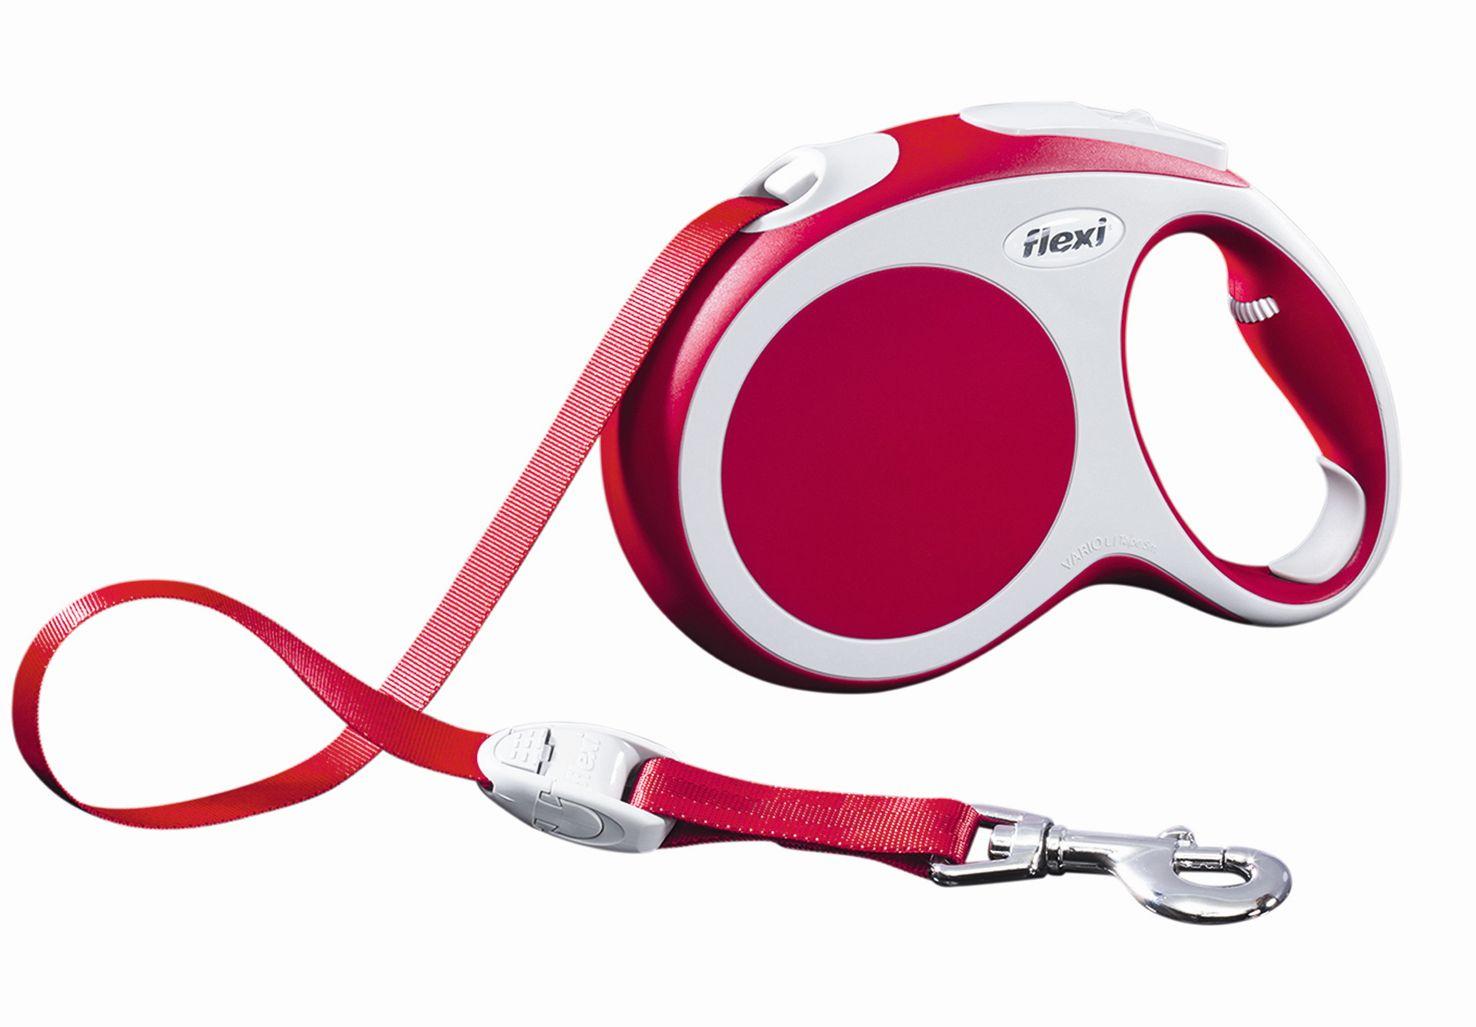 Поводок-рулетка Flexi Vario Compact L для собак до 60 кг, цвет: красный, 5 м020111Поводок-рулетка Flexi Vario Compact L изготовлен из пластика и нейлона. Подходит для собак весом до 60 кг. Ленточный поводок обеспечивает каждой собаке свободу движения, что идет на пользу здоровью и радует вашего четвероногого друга. Рулетка очень проста в использовании. Она оснащена кнопками кратковременной и постоянной фиксации. Ее можно оснастить мультибоксом для лакомств или пакетиков для сбора фекалий, LED подсветкой корпуса, своркой или ремнем с LED подсветкой. Поводок имеет прочный корпус, хромированную застежку и светоотражающие элементы.Длина поводка: 5 м. Максимальная нагрузка: 60 кг.Товар сертифицирован.